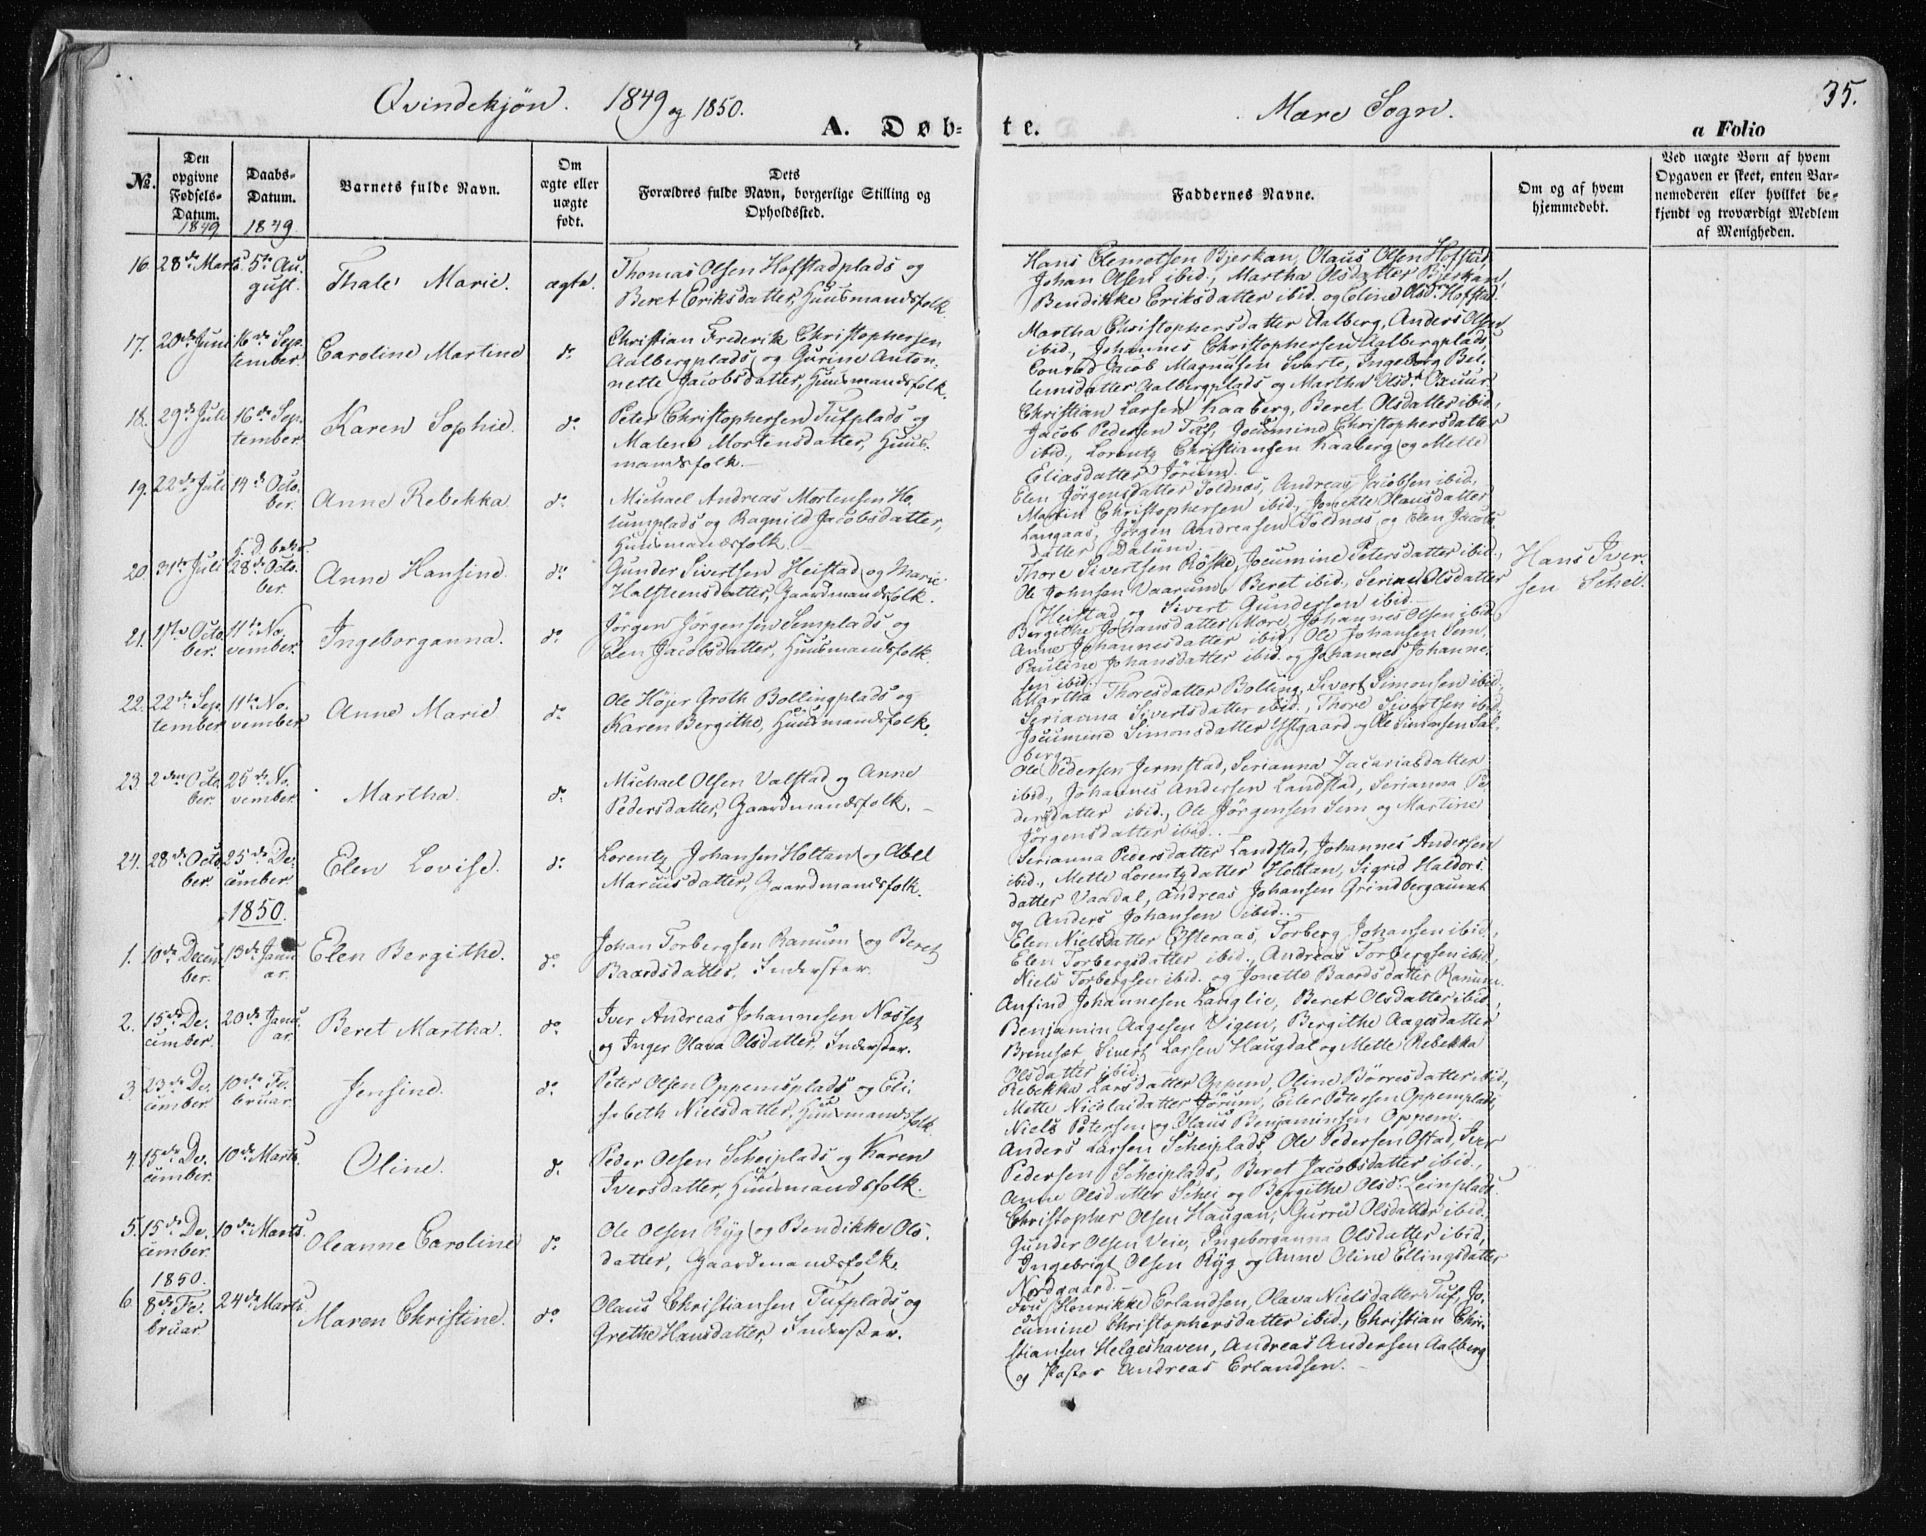 SAT, Ministerialprotokoller, klokkerbøker og fødselsregistre - Nord-Trøndelag, 735/L0342: Ministerialbok nr. 735A07 /1, 1849-1862, s. 35